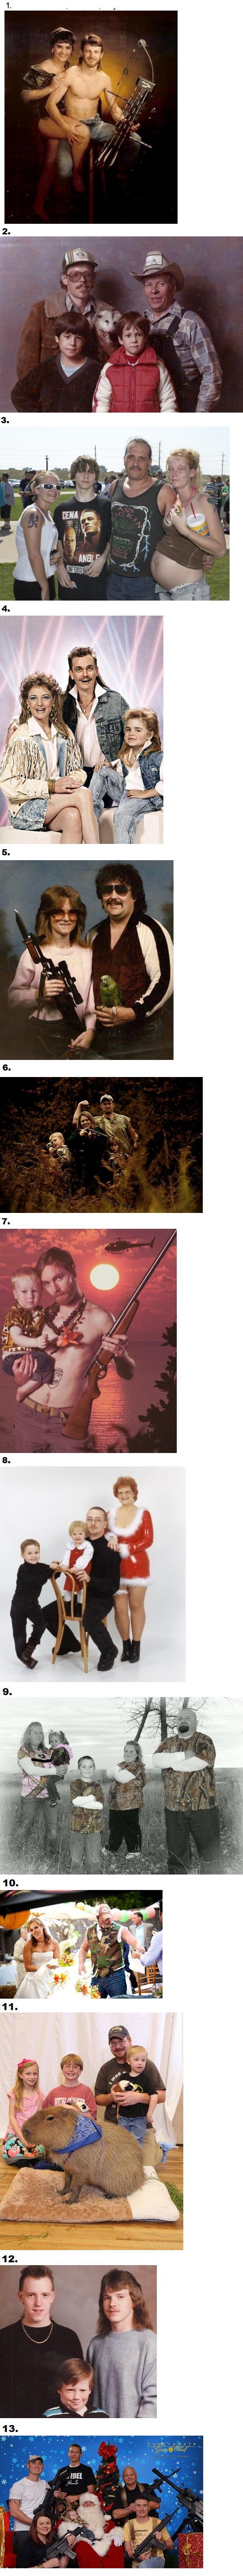 13 Amazing Redneck Family Portraits  -   Misc